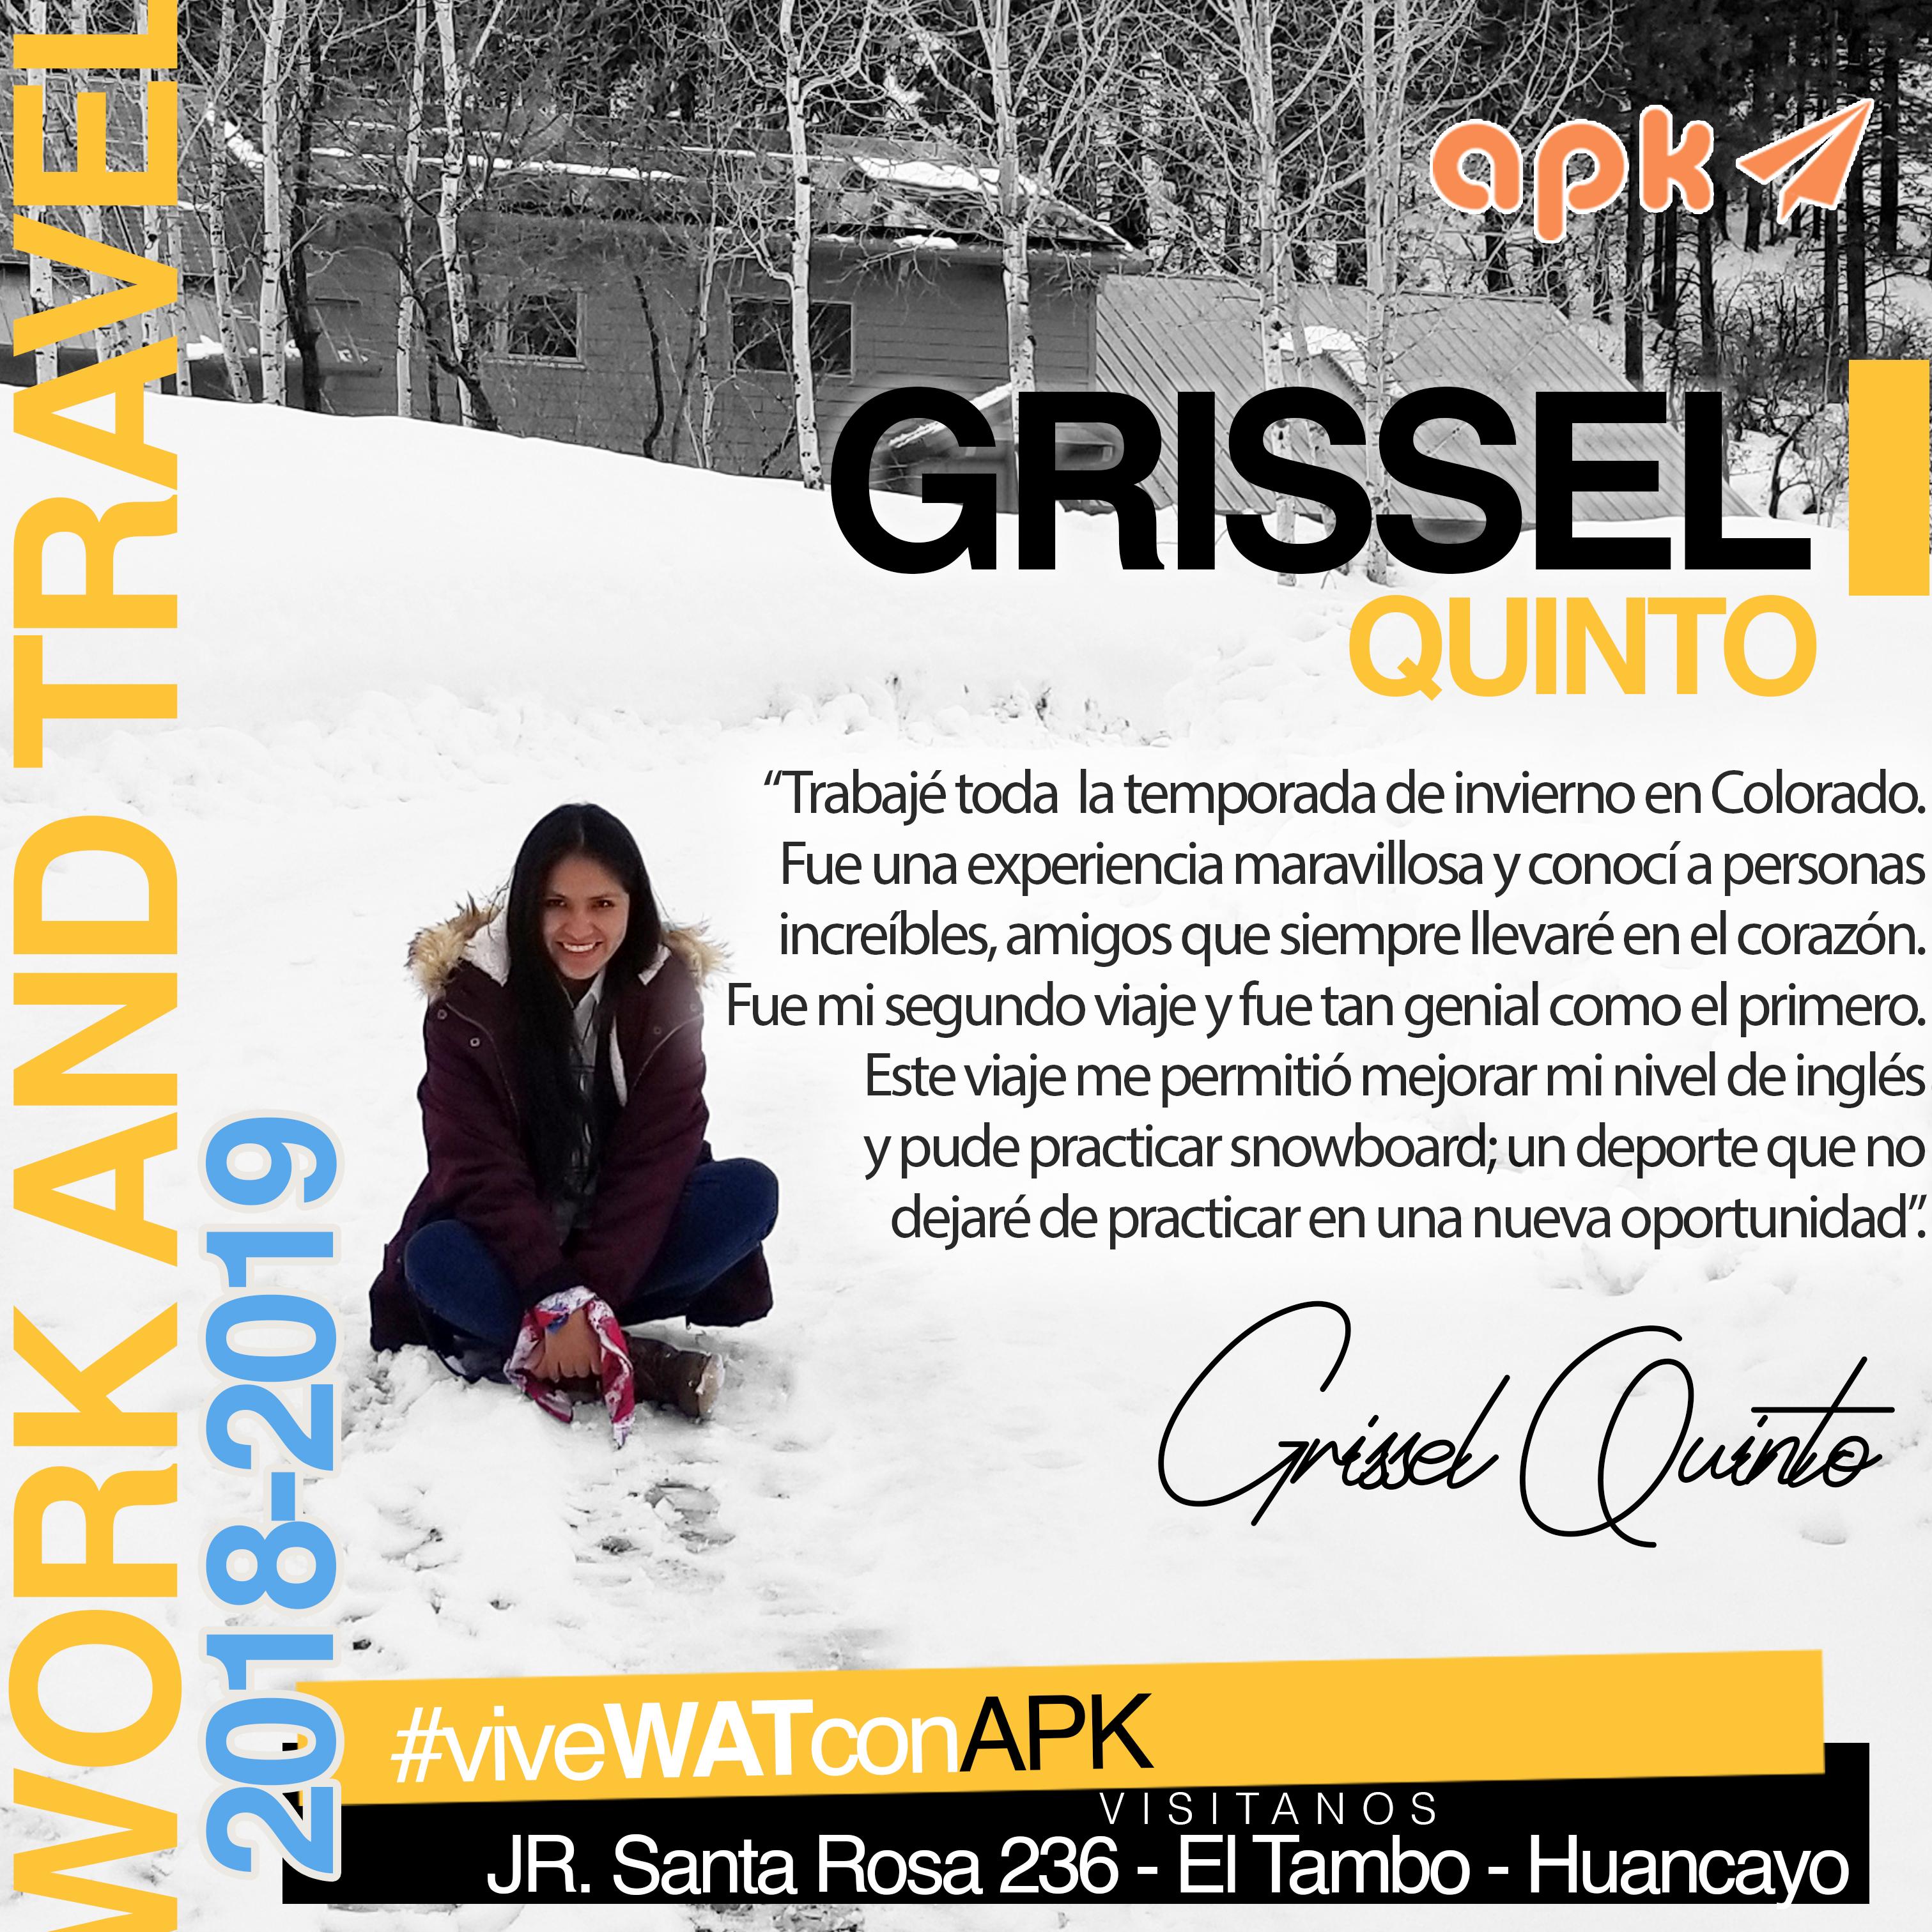 Grissel Quinto